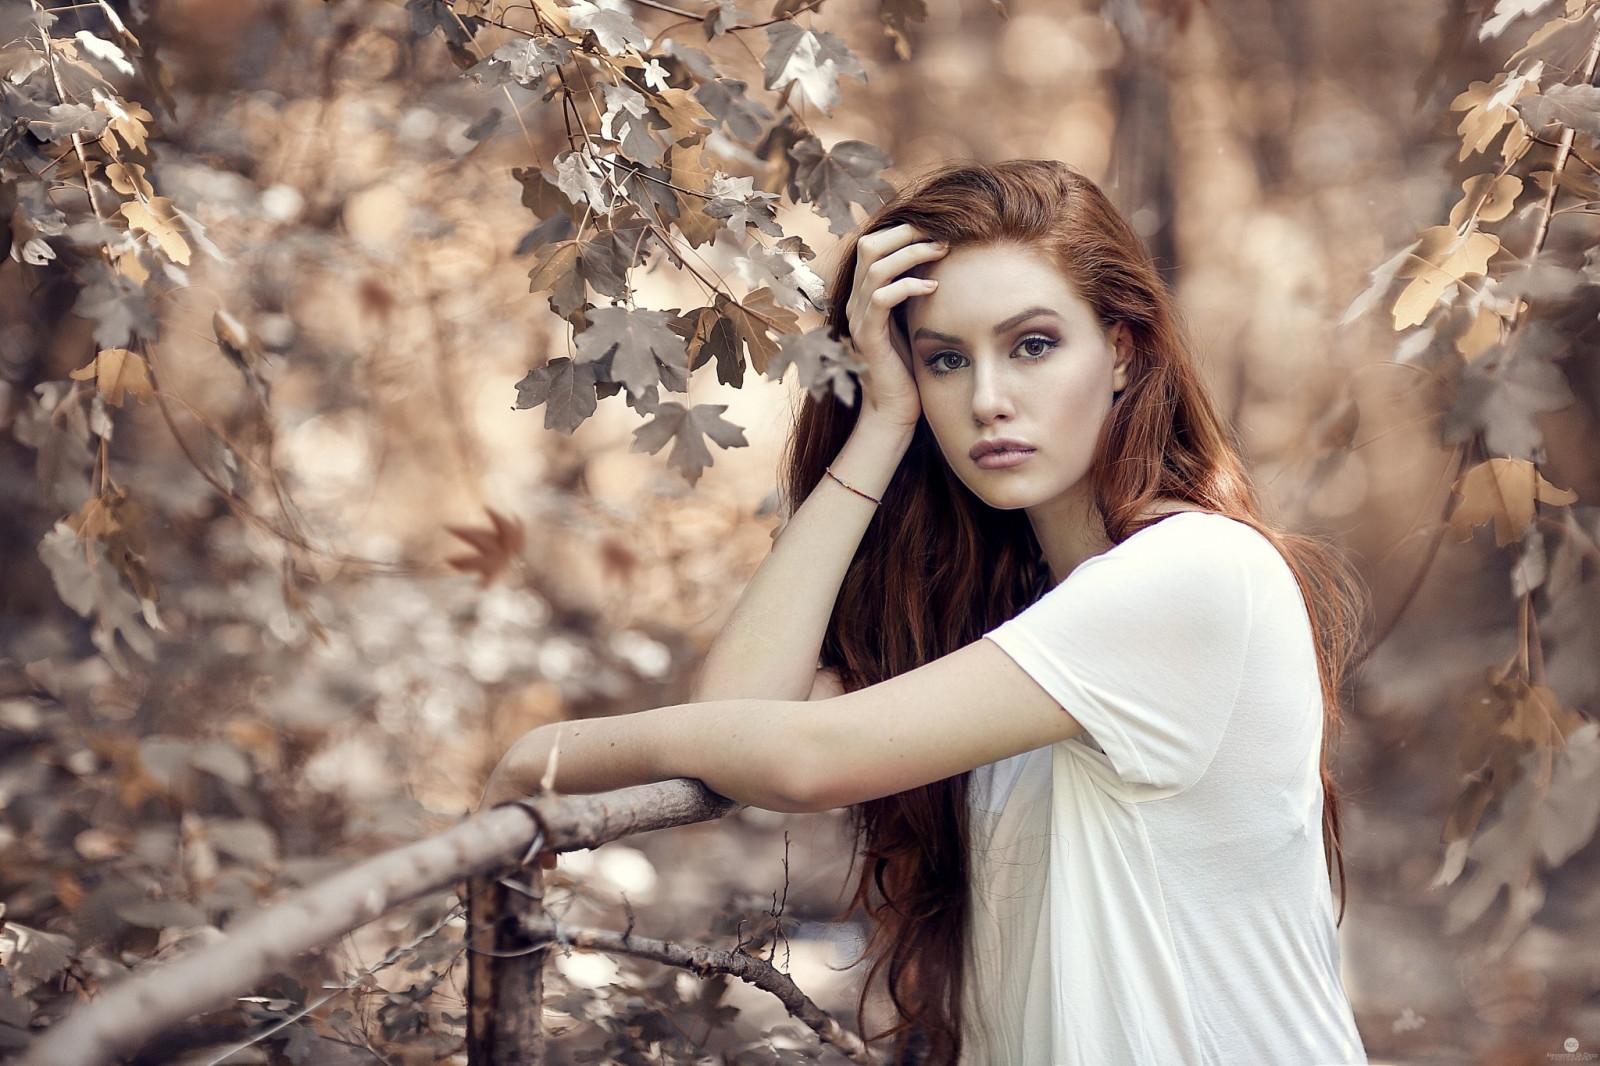 Hintergrundbilder : Gesicht, fallen, Blätter, Frauen im